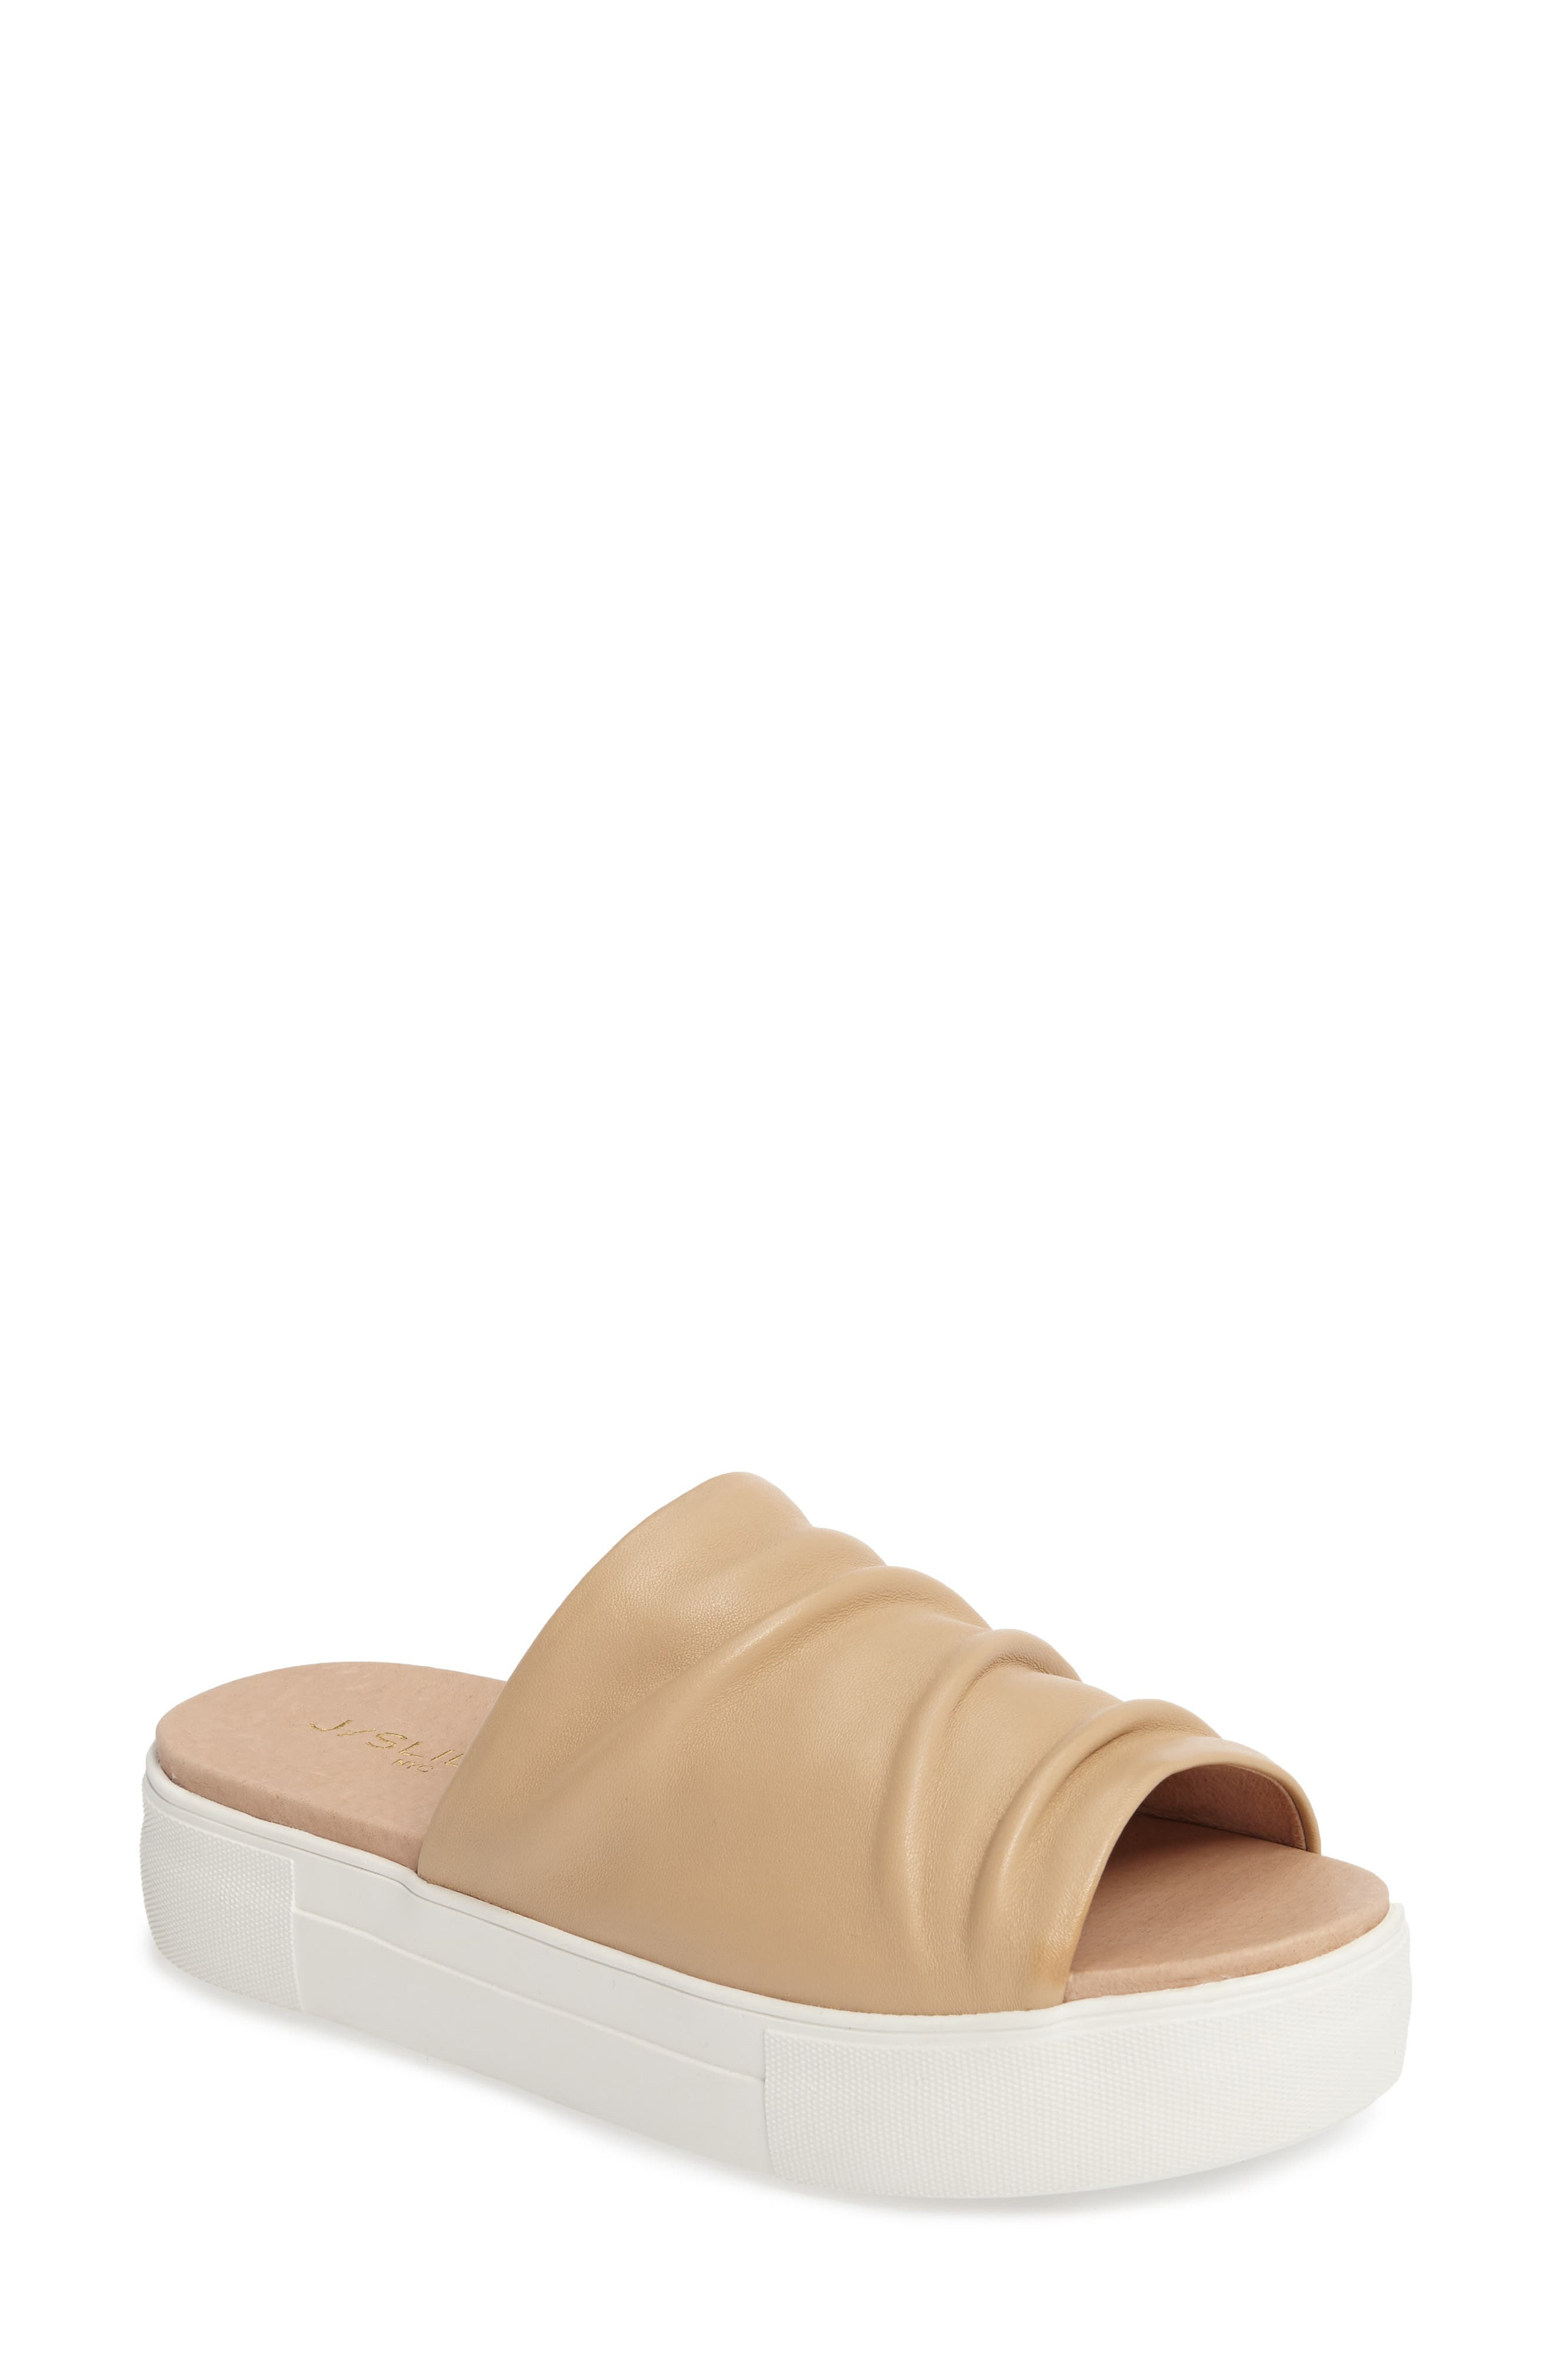 JSlides Alura Platform Slide Sandal (Women)